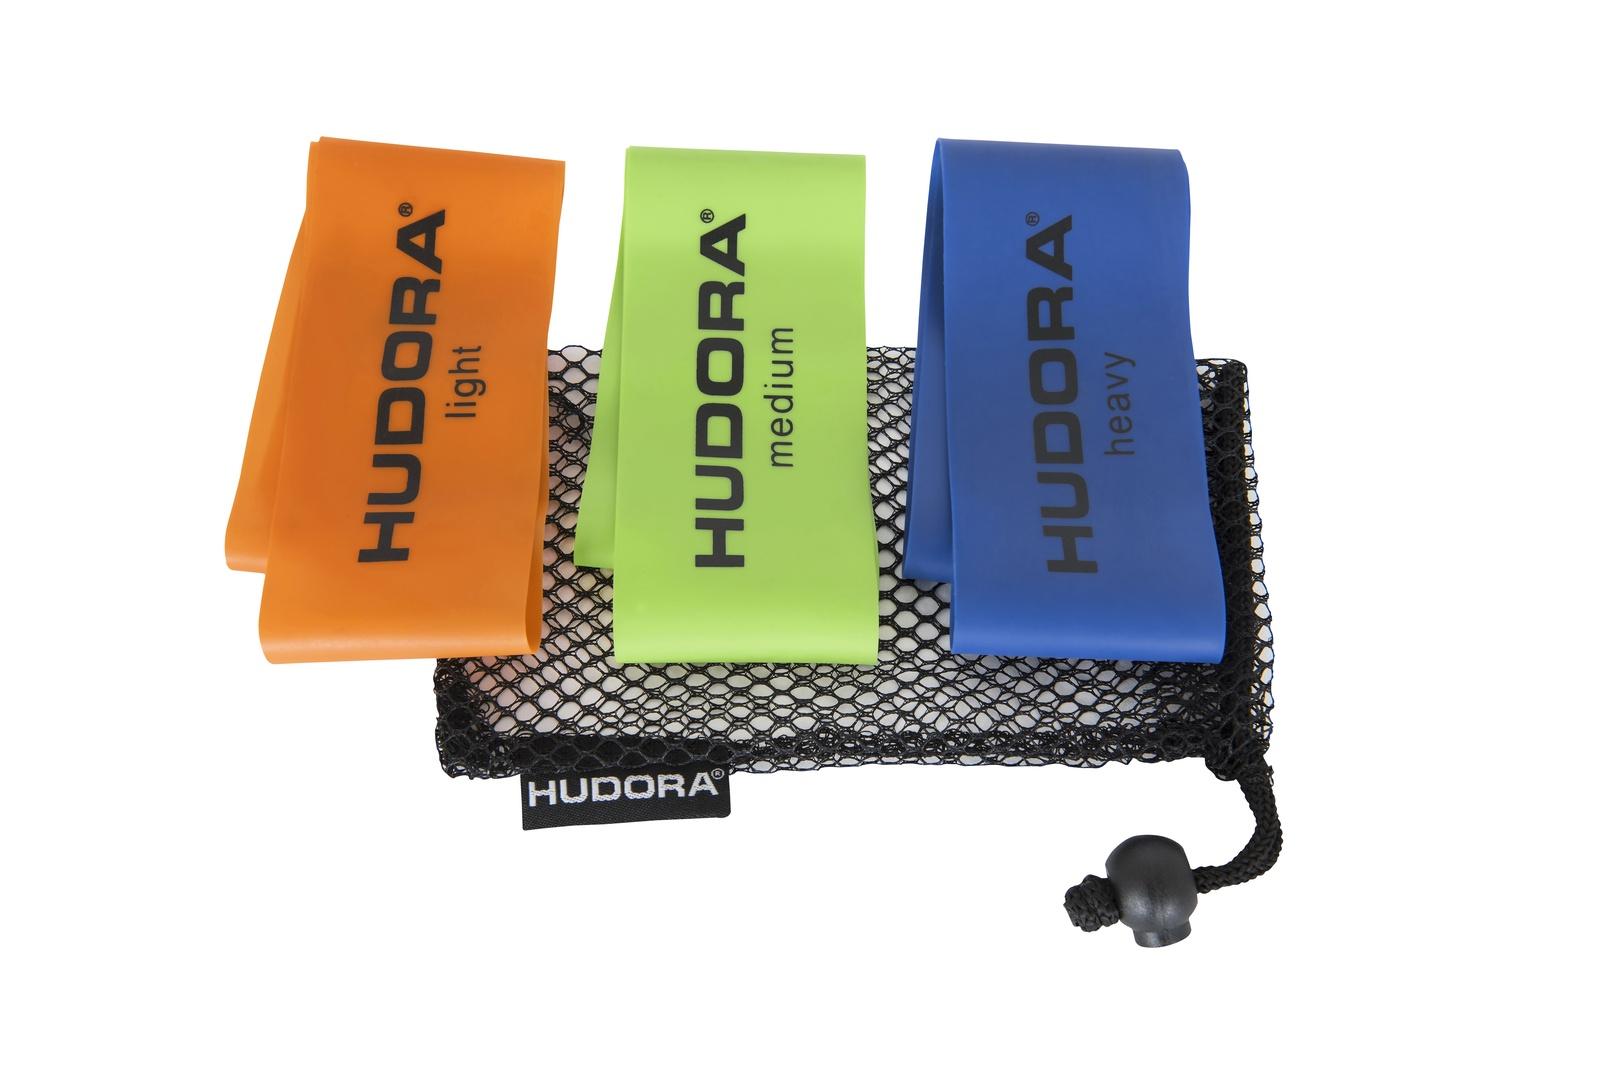 Гимнастическая лента Hudora Mini, синий, салатовый, оранжевый